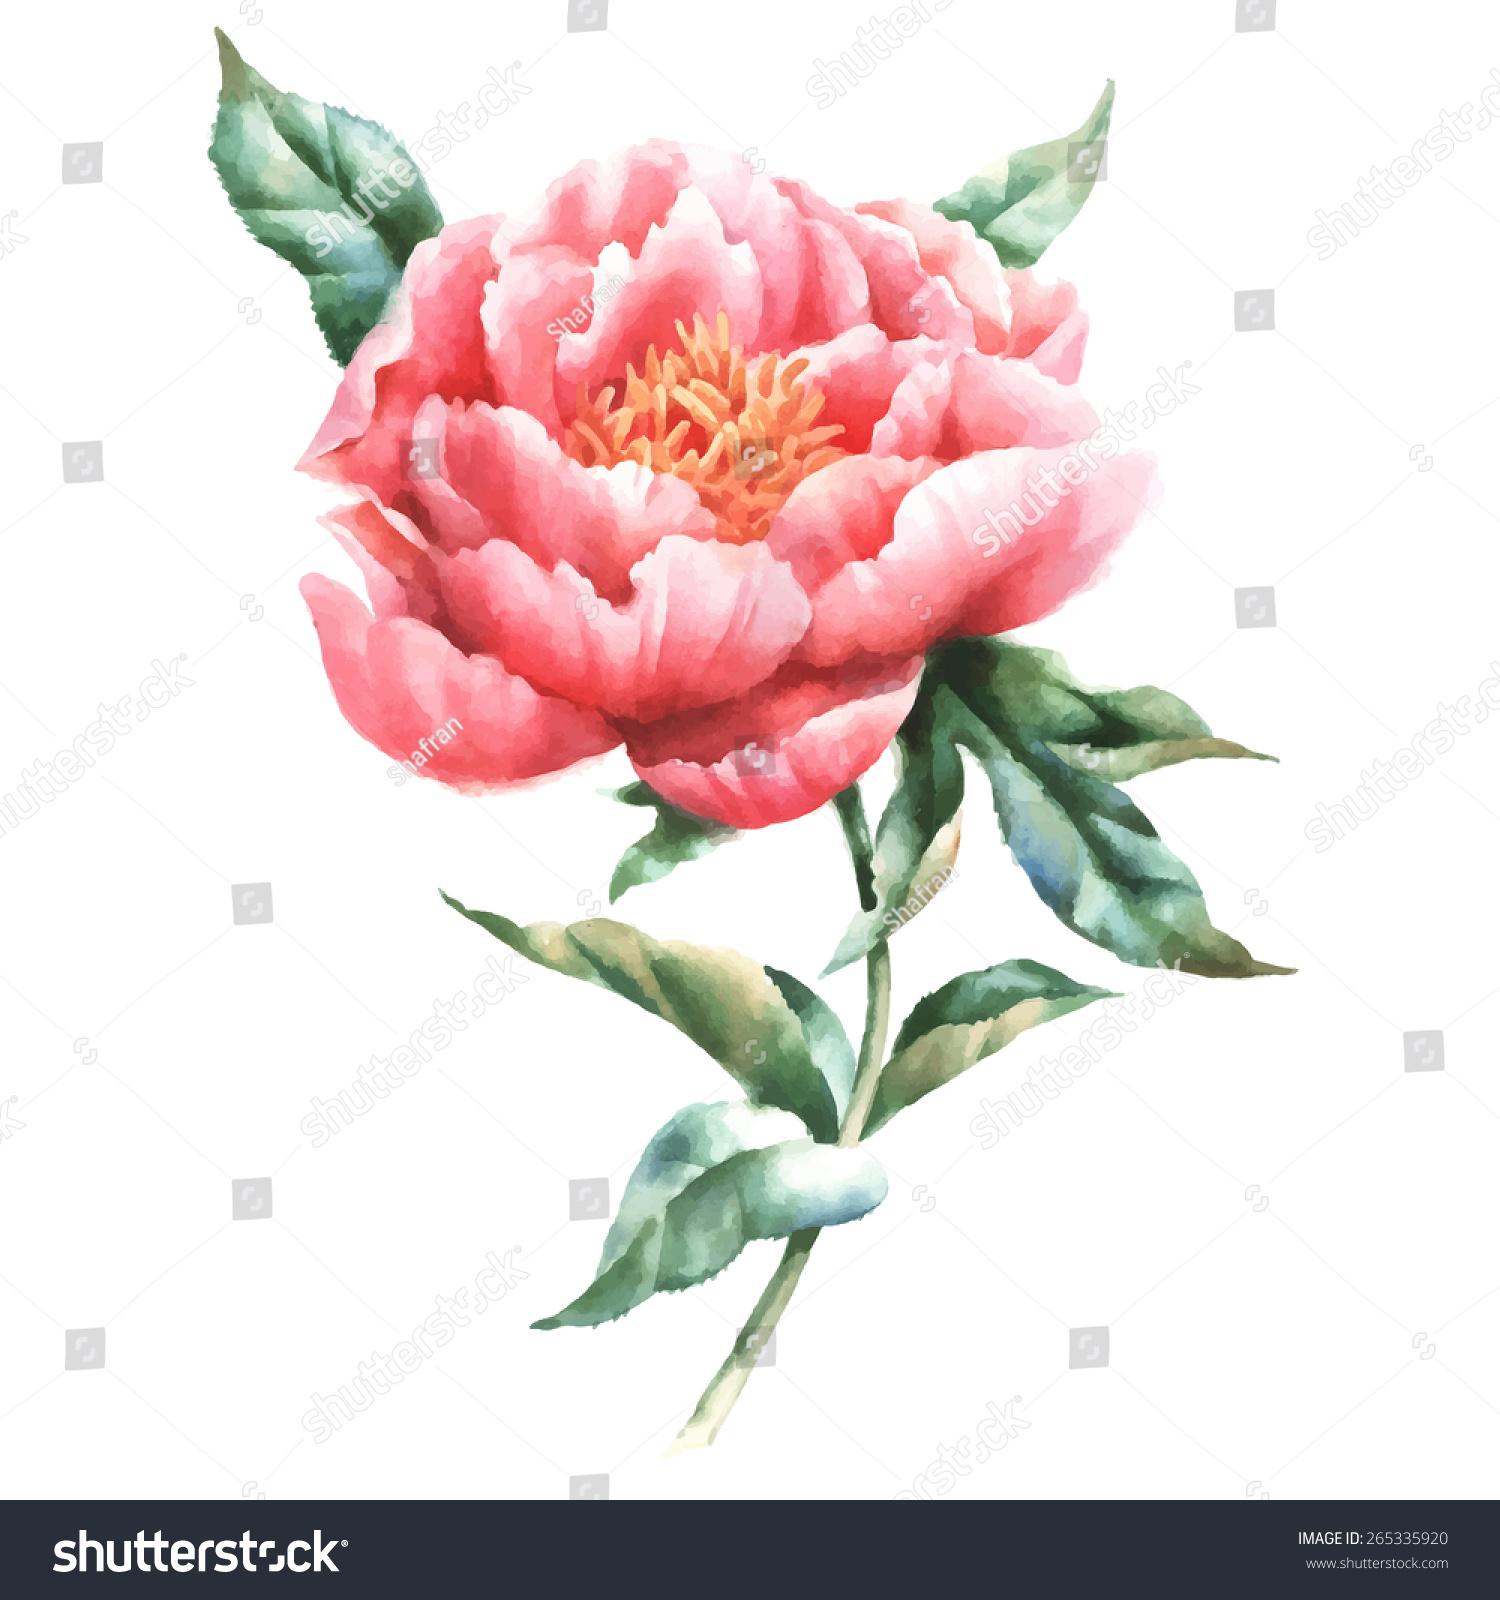 Картинки с цветами пионы нарисованные